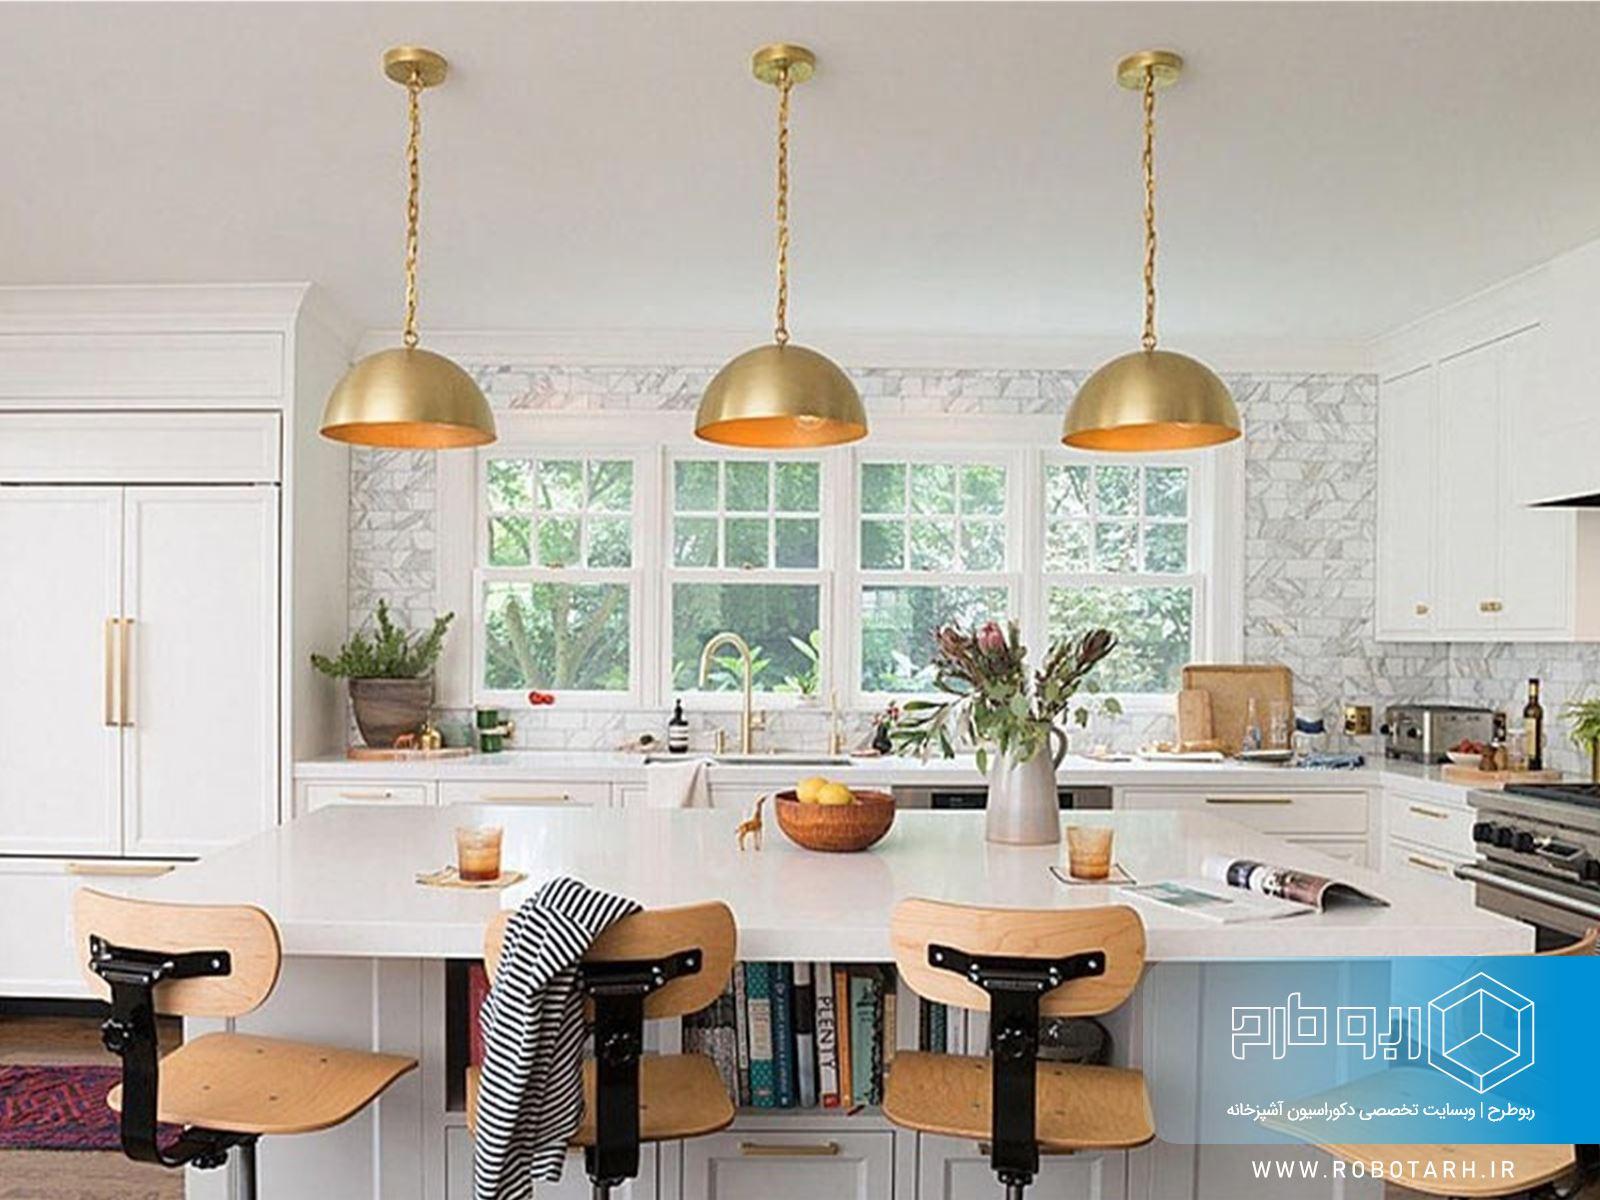 راهنمای جامع انتخاب لوستر و چراغ برای آشپزخانه